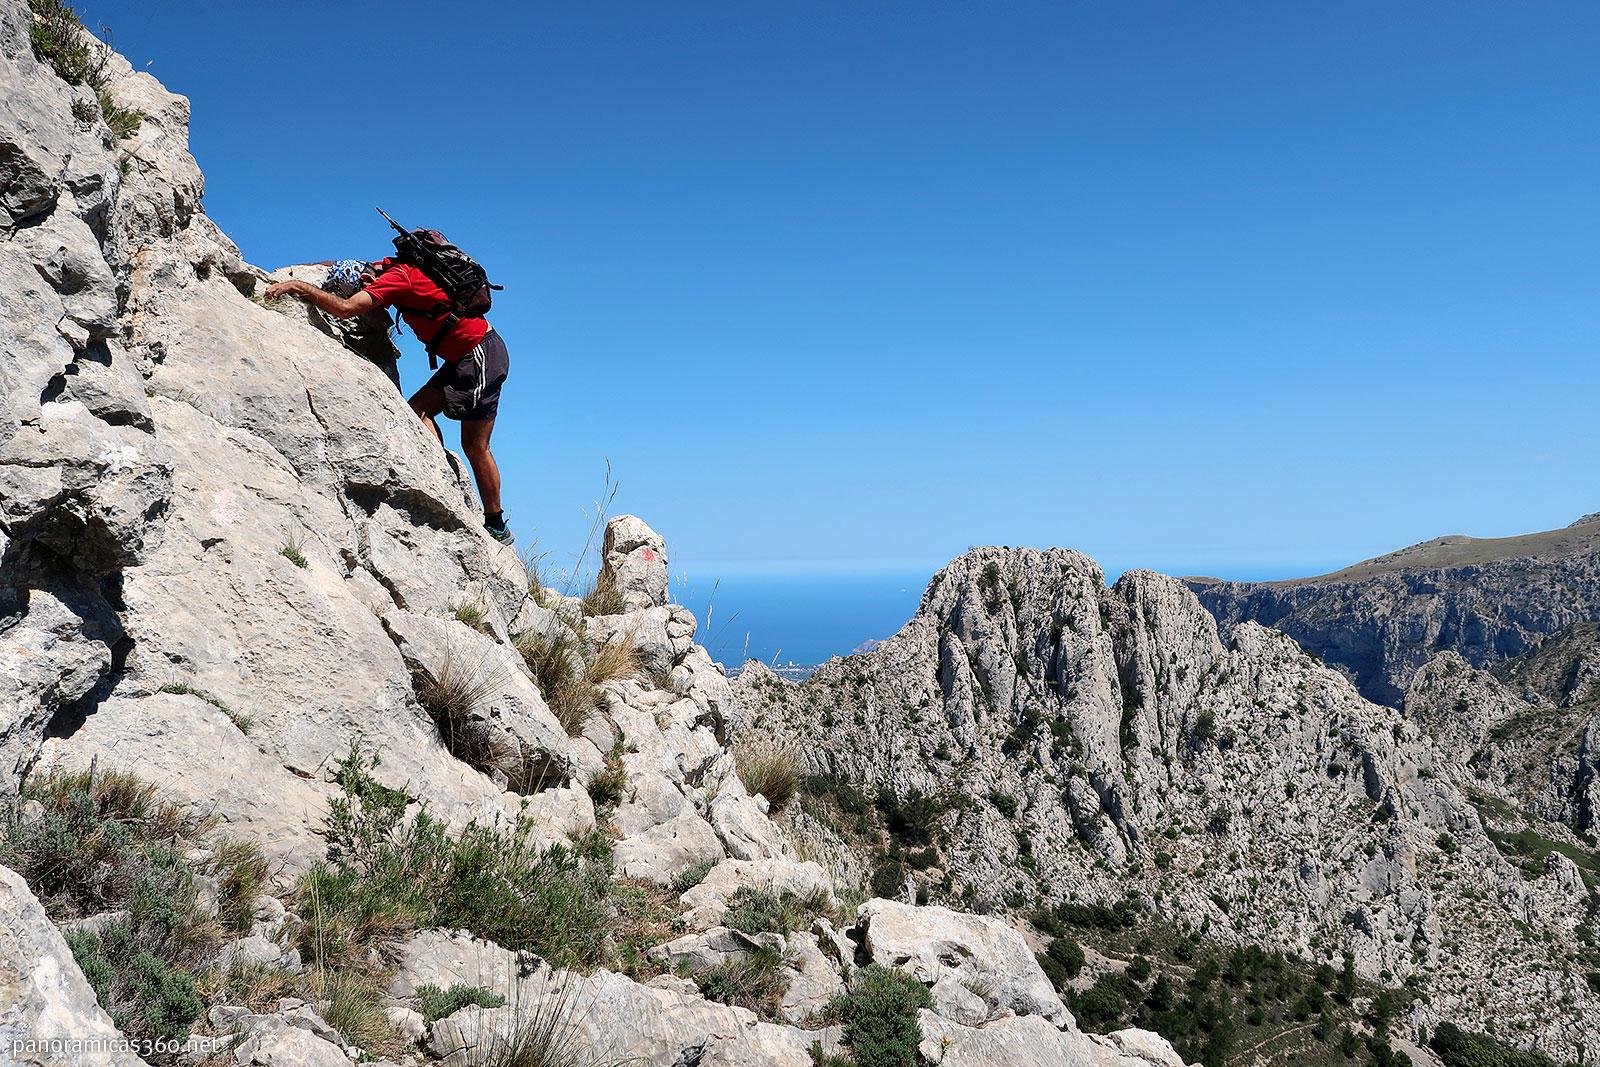 Romero en uno de los destrepes de Penya Roc con el Mediterráneo de fondo